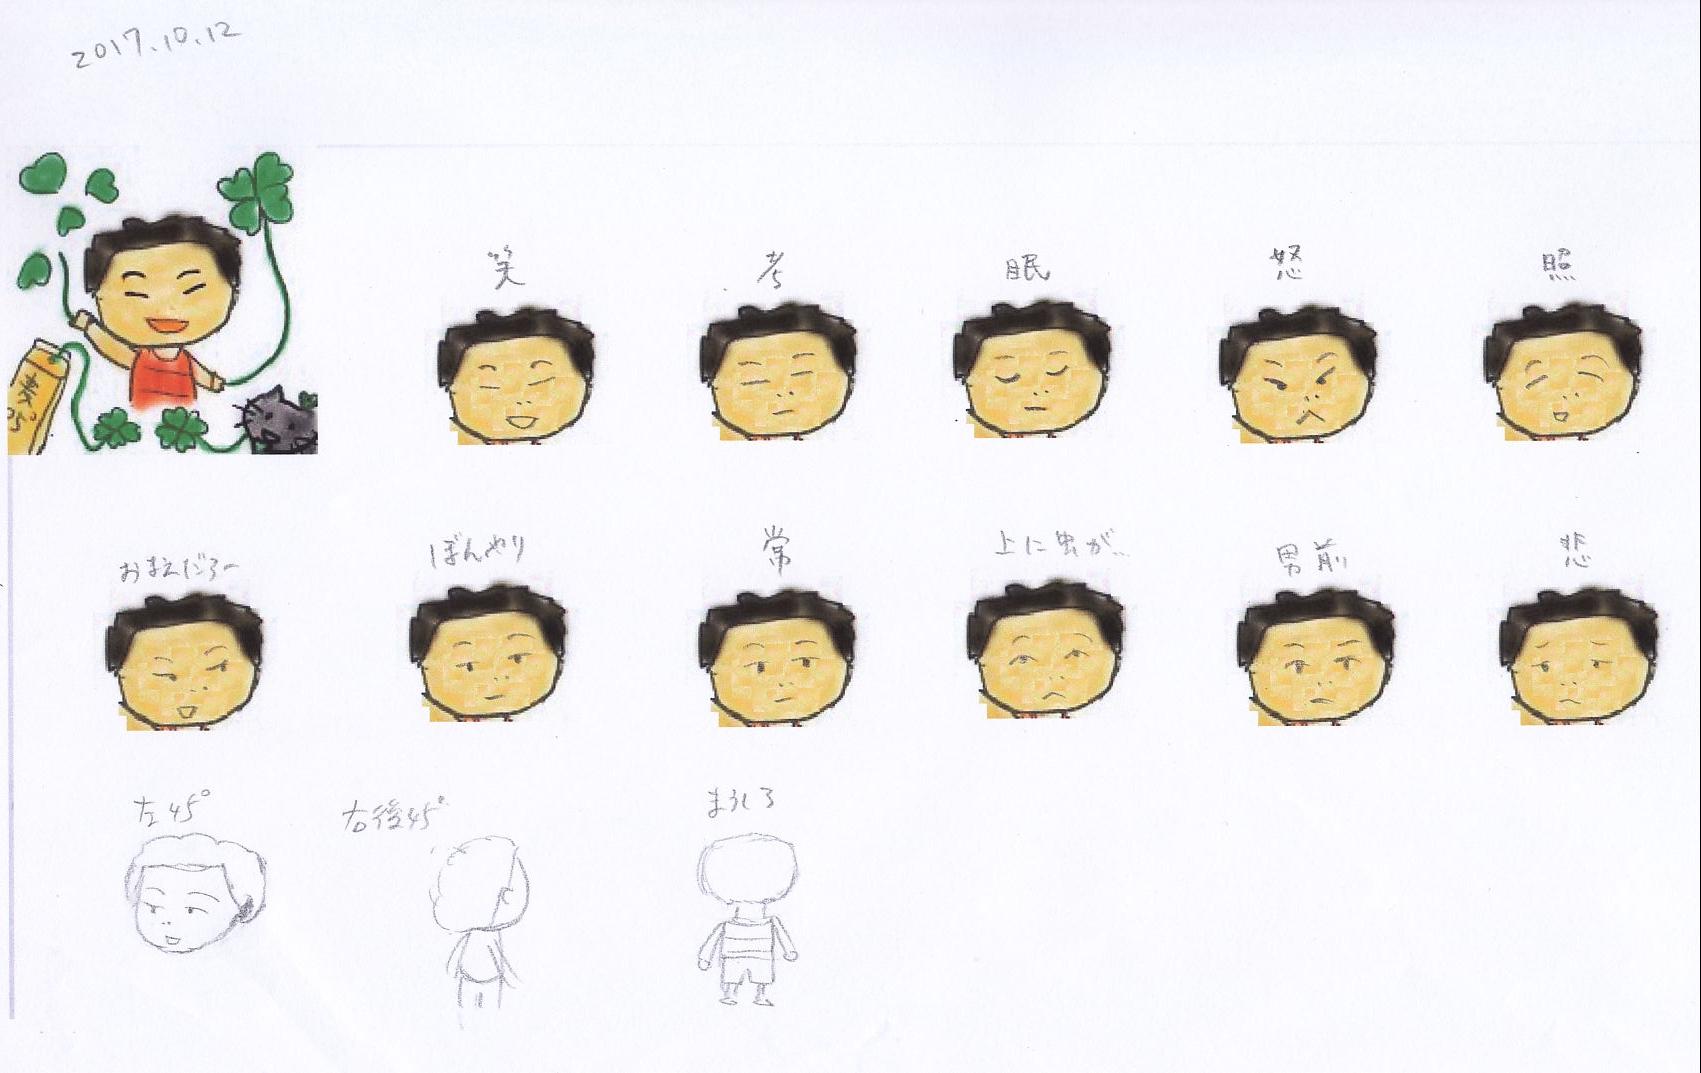 171012 プロフ画キャラ研究